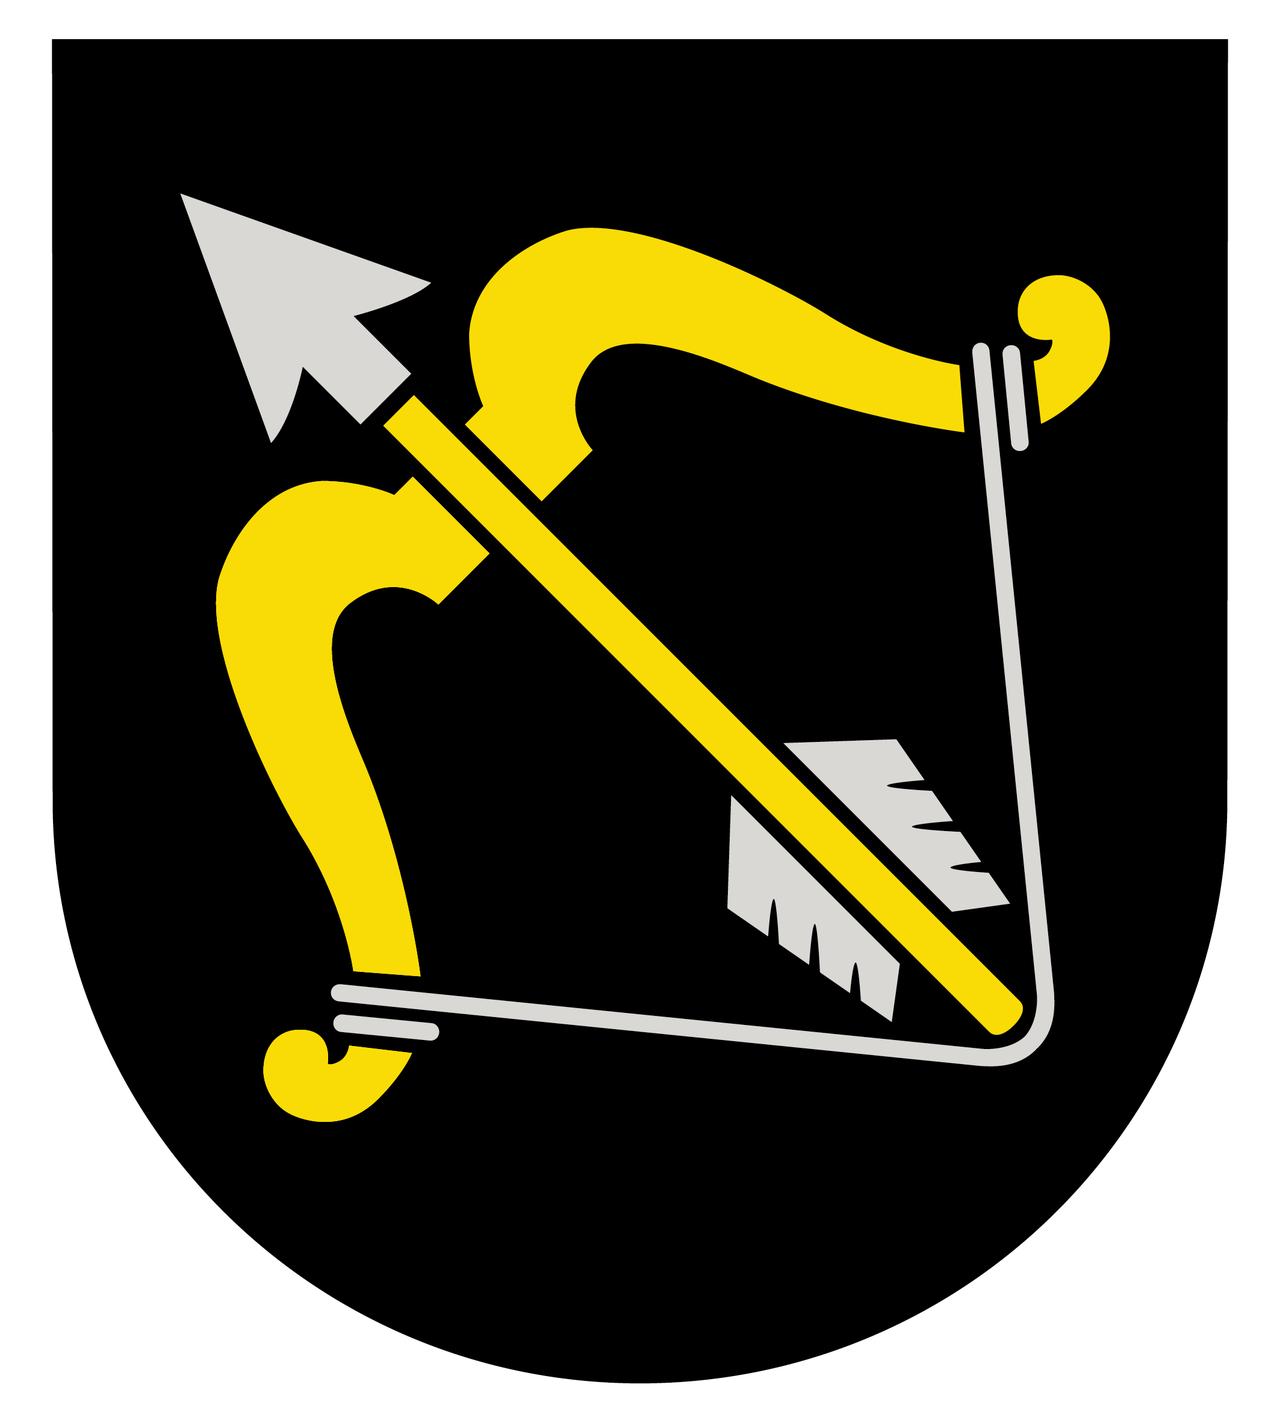 Pohjois-Savon_vaakuna_2015